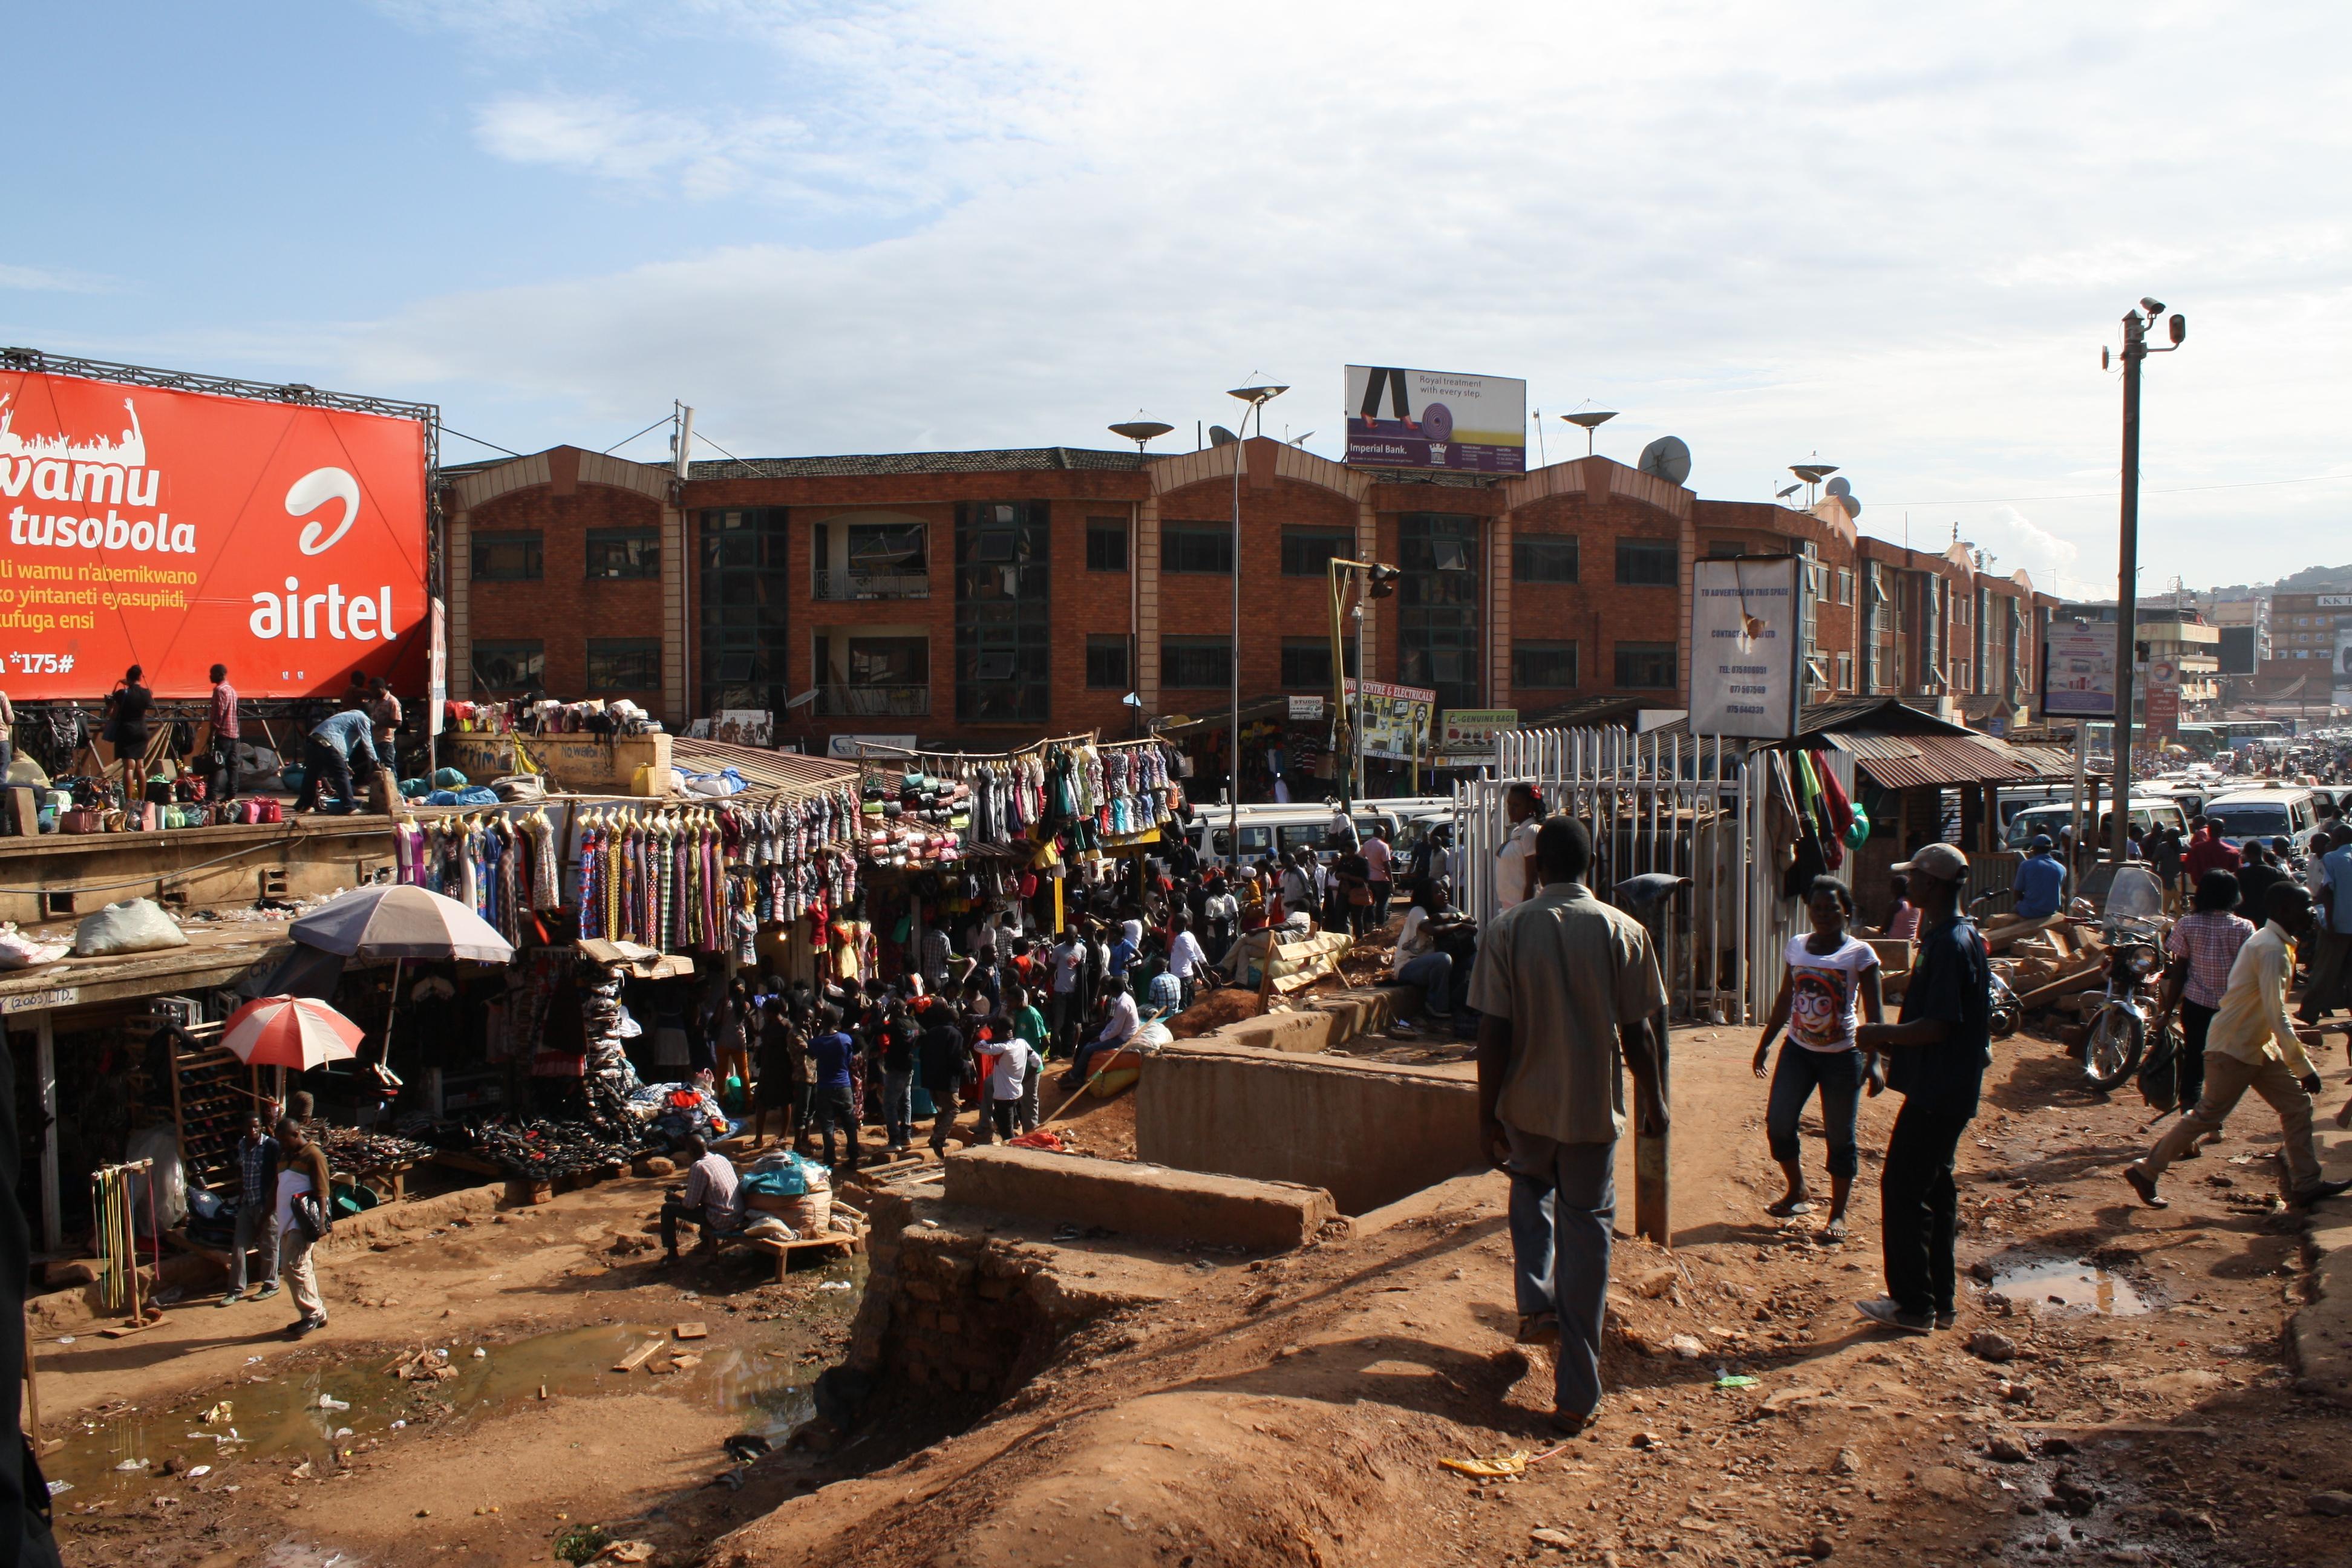 Market_near_Old_Taxi_Park,_Kampala